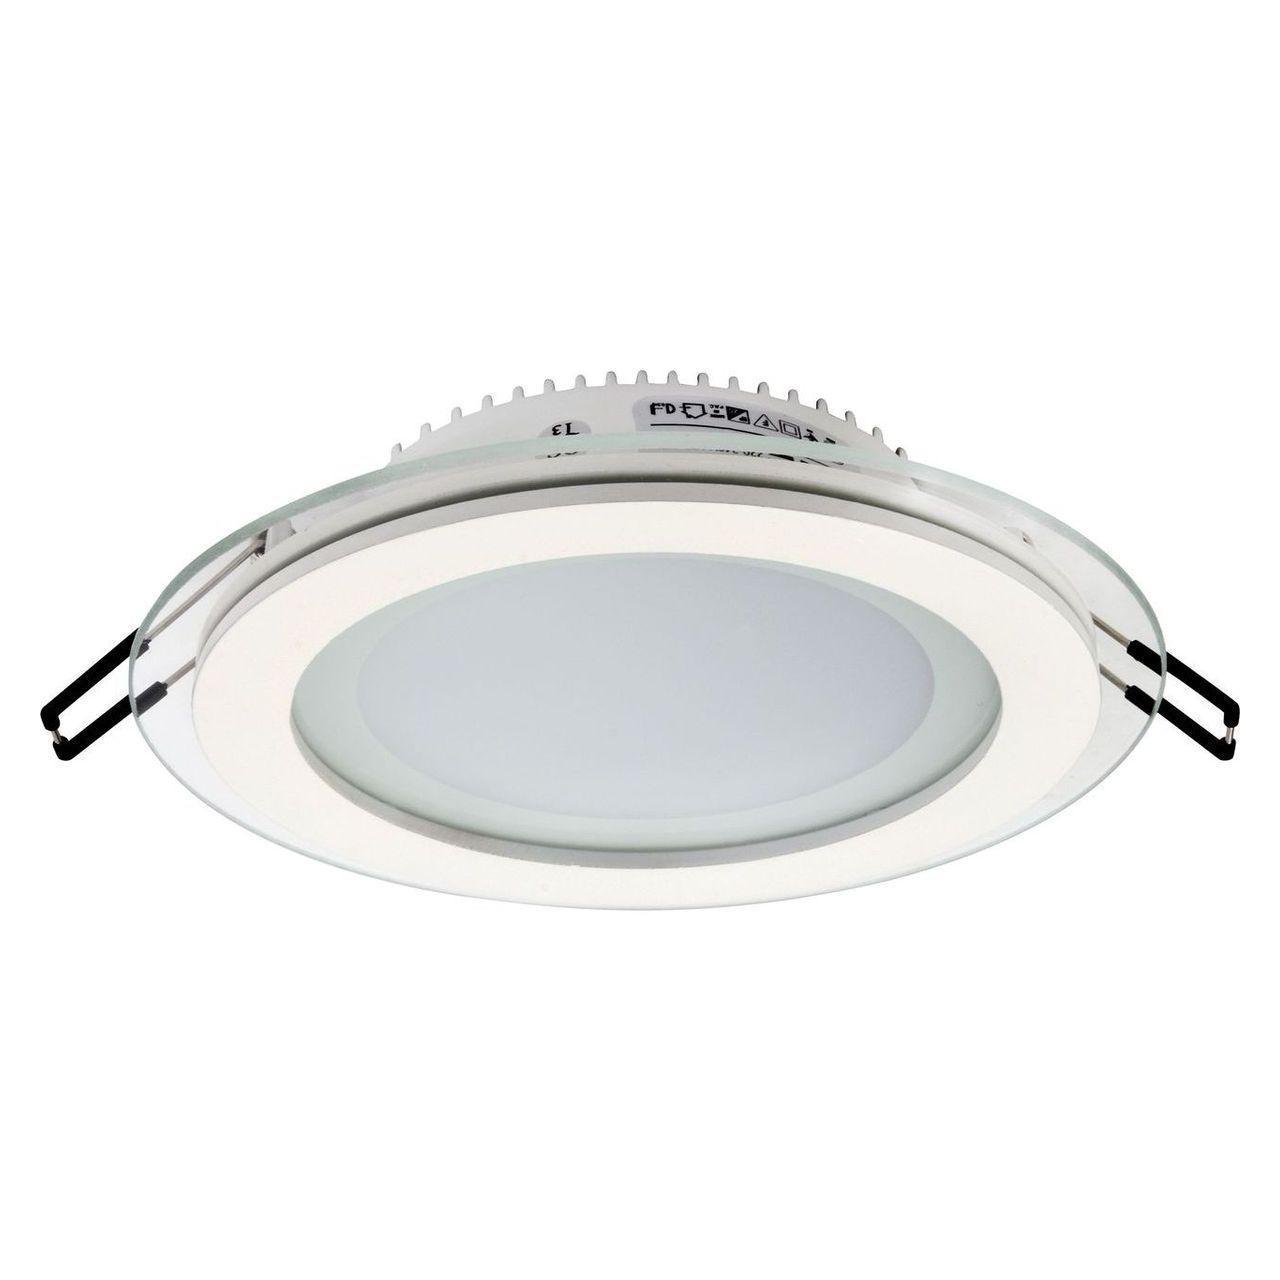 Встраиваемый светодиодный светильник Horoz 12W 3000K белый 016-016-0012 (HL688LG) встраиваемый светодиодный светильник horoz 15w 6000к белый 016 017 0015 hl6756l